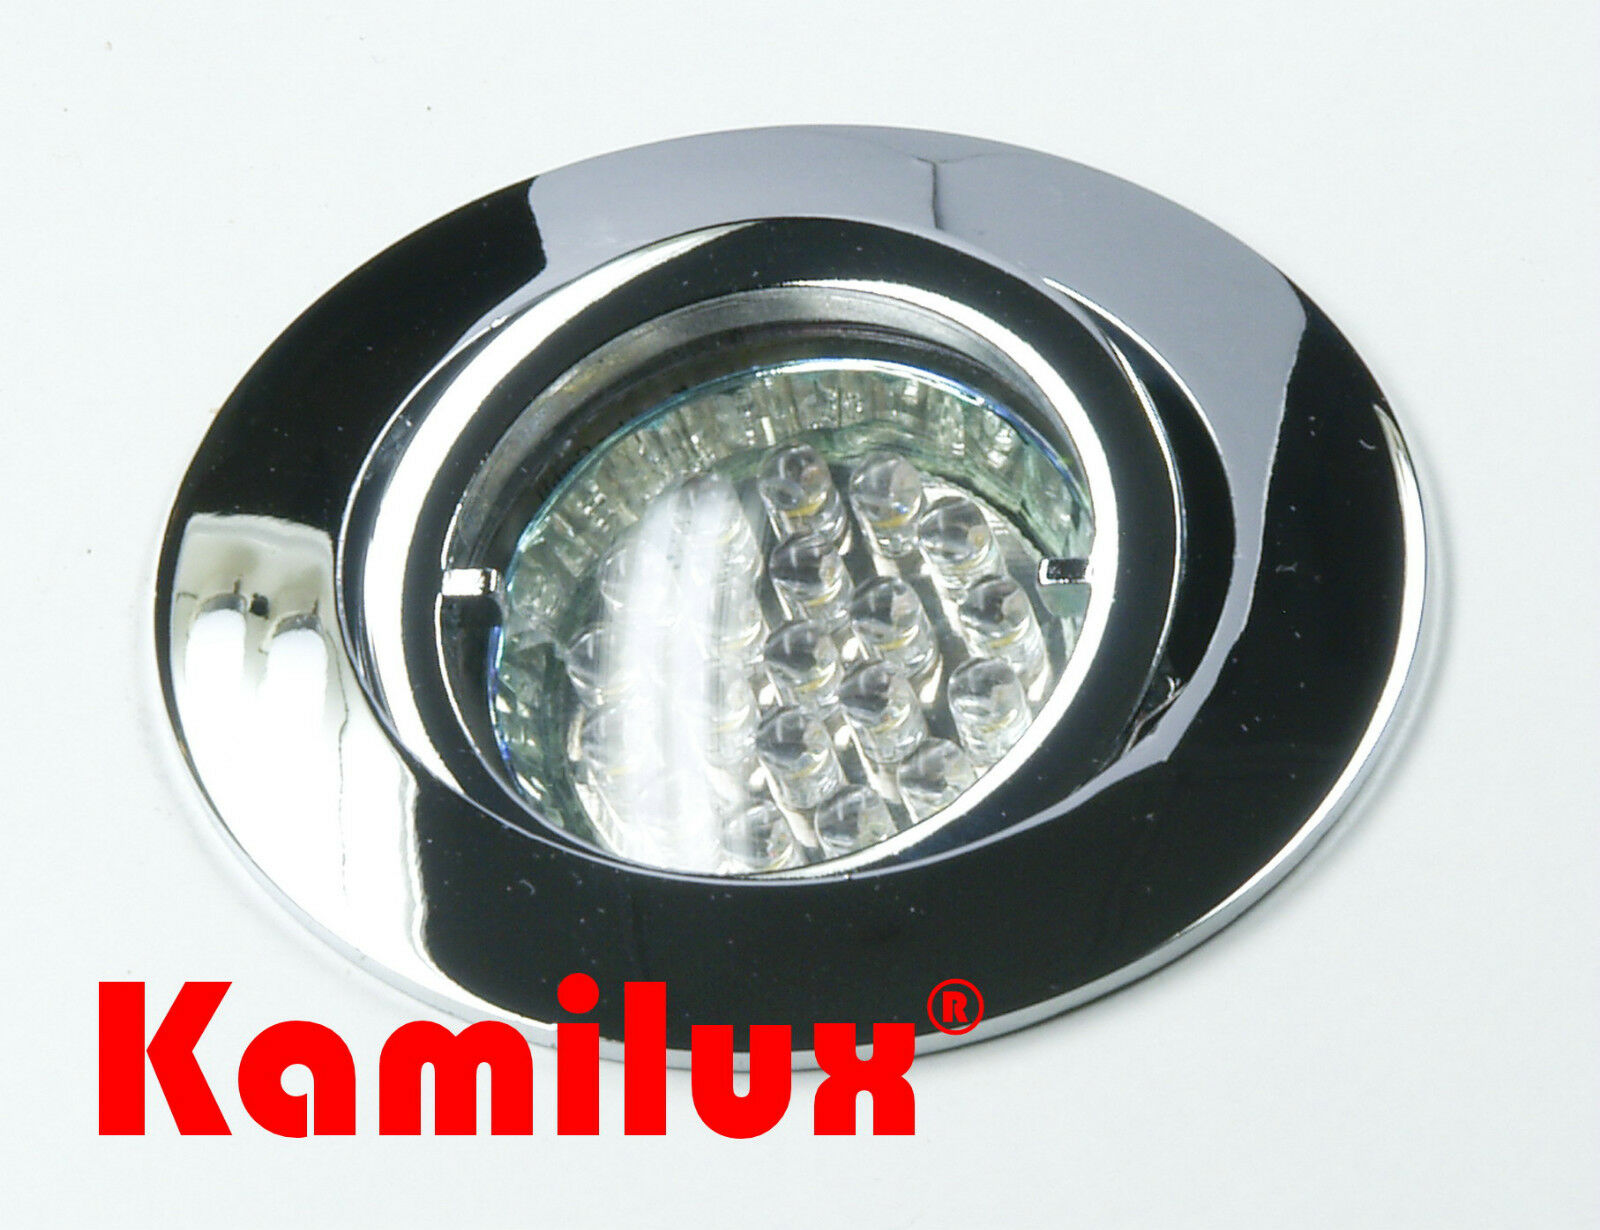 LED Einbautrahler Bajo 230V mit 20er LED Leuchtmittel-warmweiss Downlights Spot | Hohe Qualität Und Geringen Overhead  | Tadellos  | Ausgezeichnete Leistung